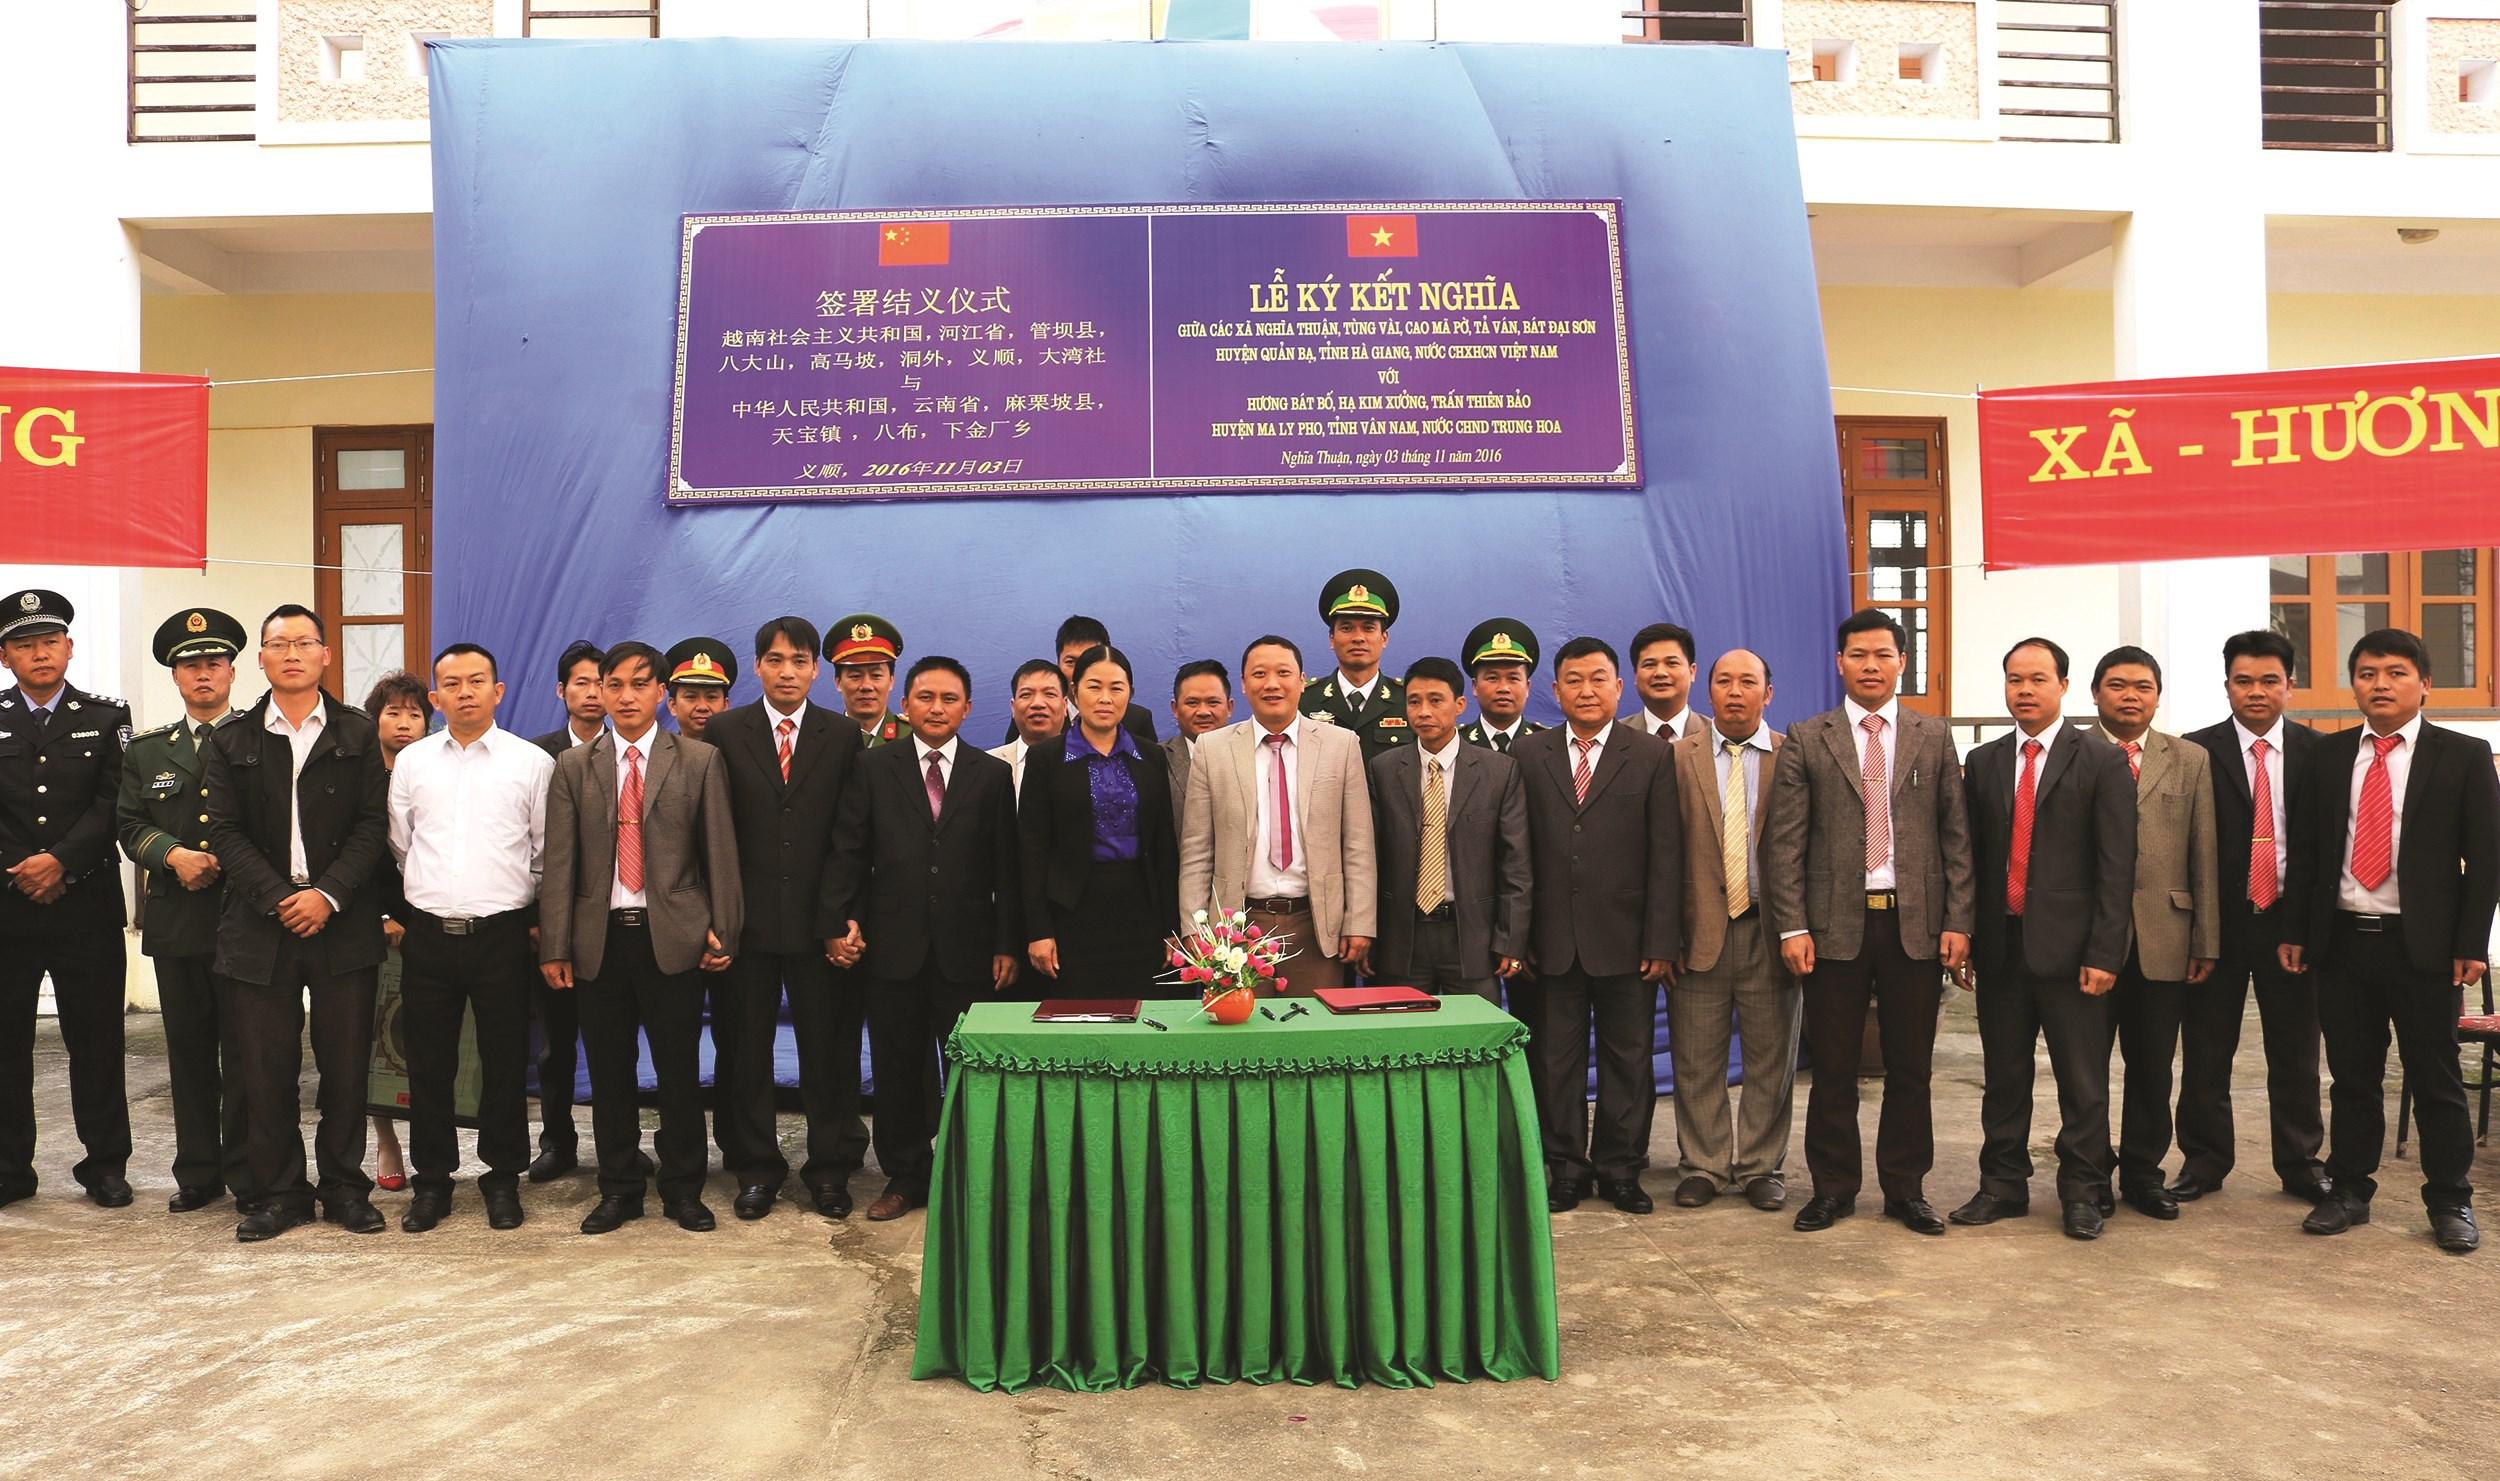 Lễ ký kết nghĩa giữa các xã biên giới huyện Quản Bạ (Hà Giang) với các hương, trấn của tỉnh Vân Nam, Trung Quốc